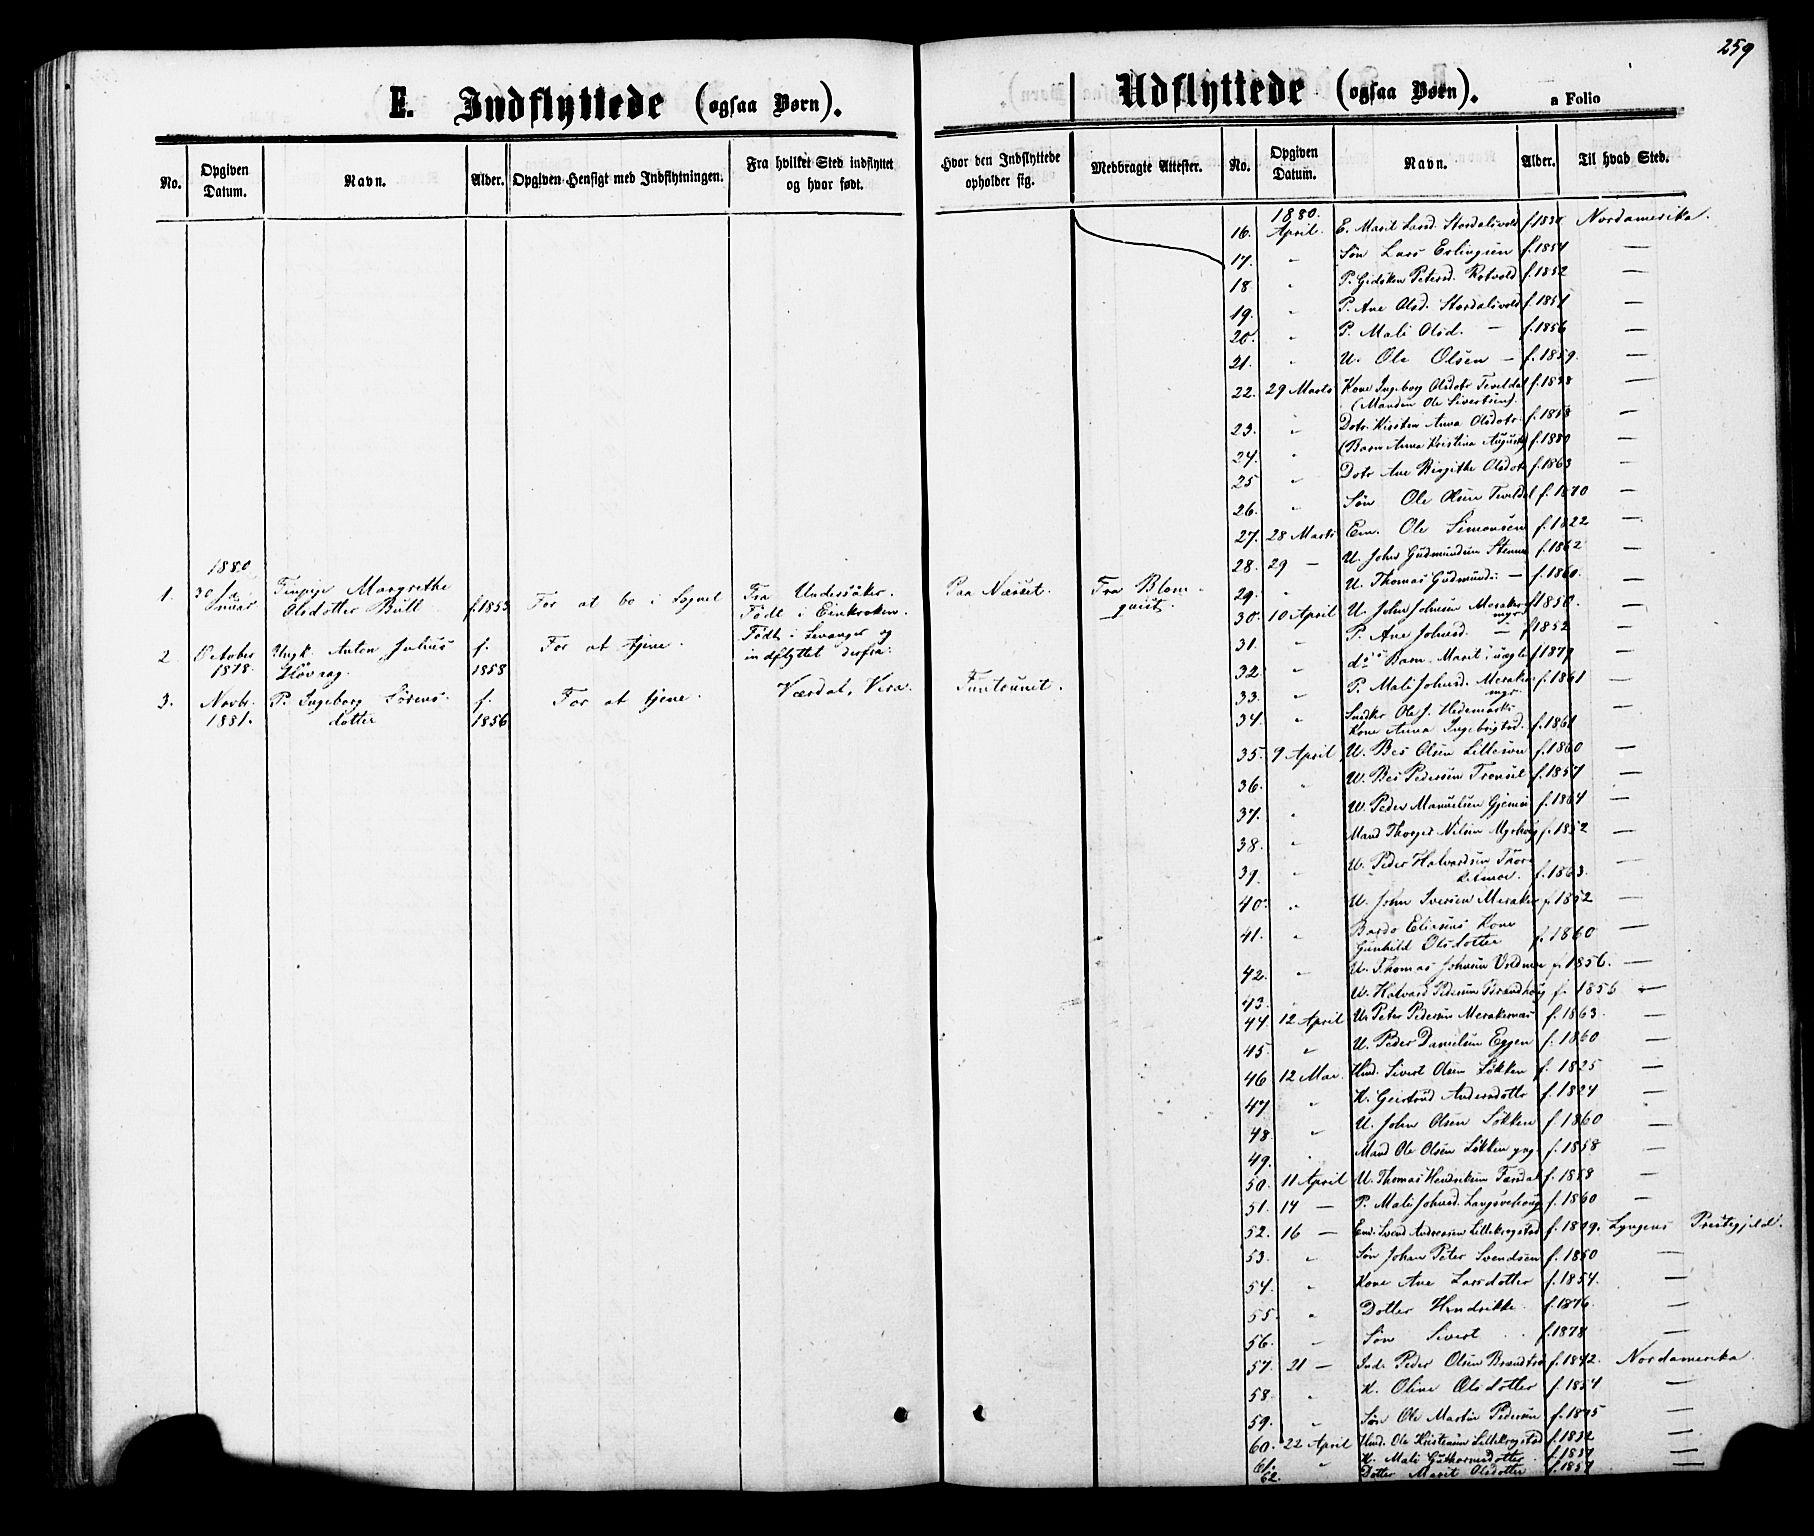 SAT, Ministerialprotokoller, klokkerbøker og fødselsregistre - Nord-Trøndelag, 706/L0049: Klokkerbok nr. 706C01, 1864-1895, s. 259